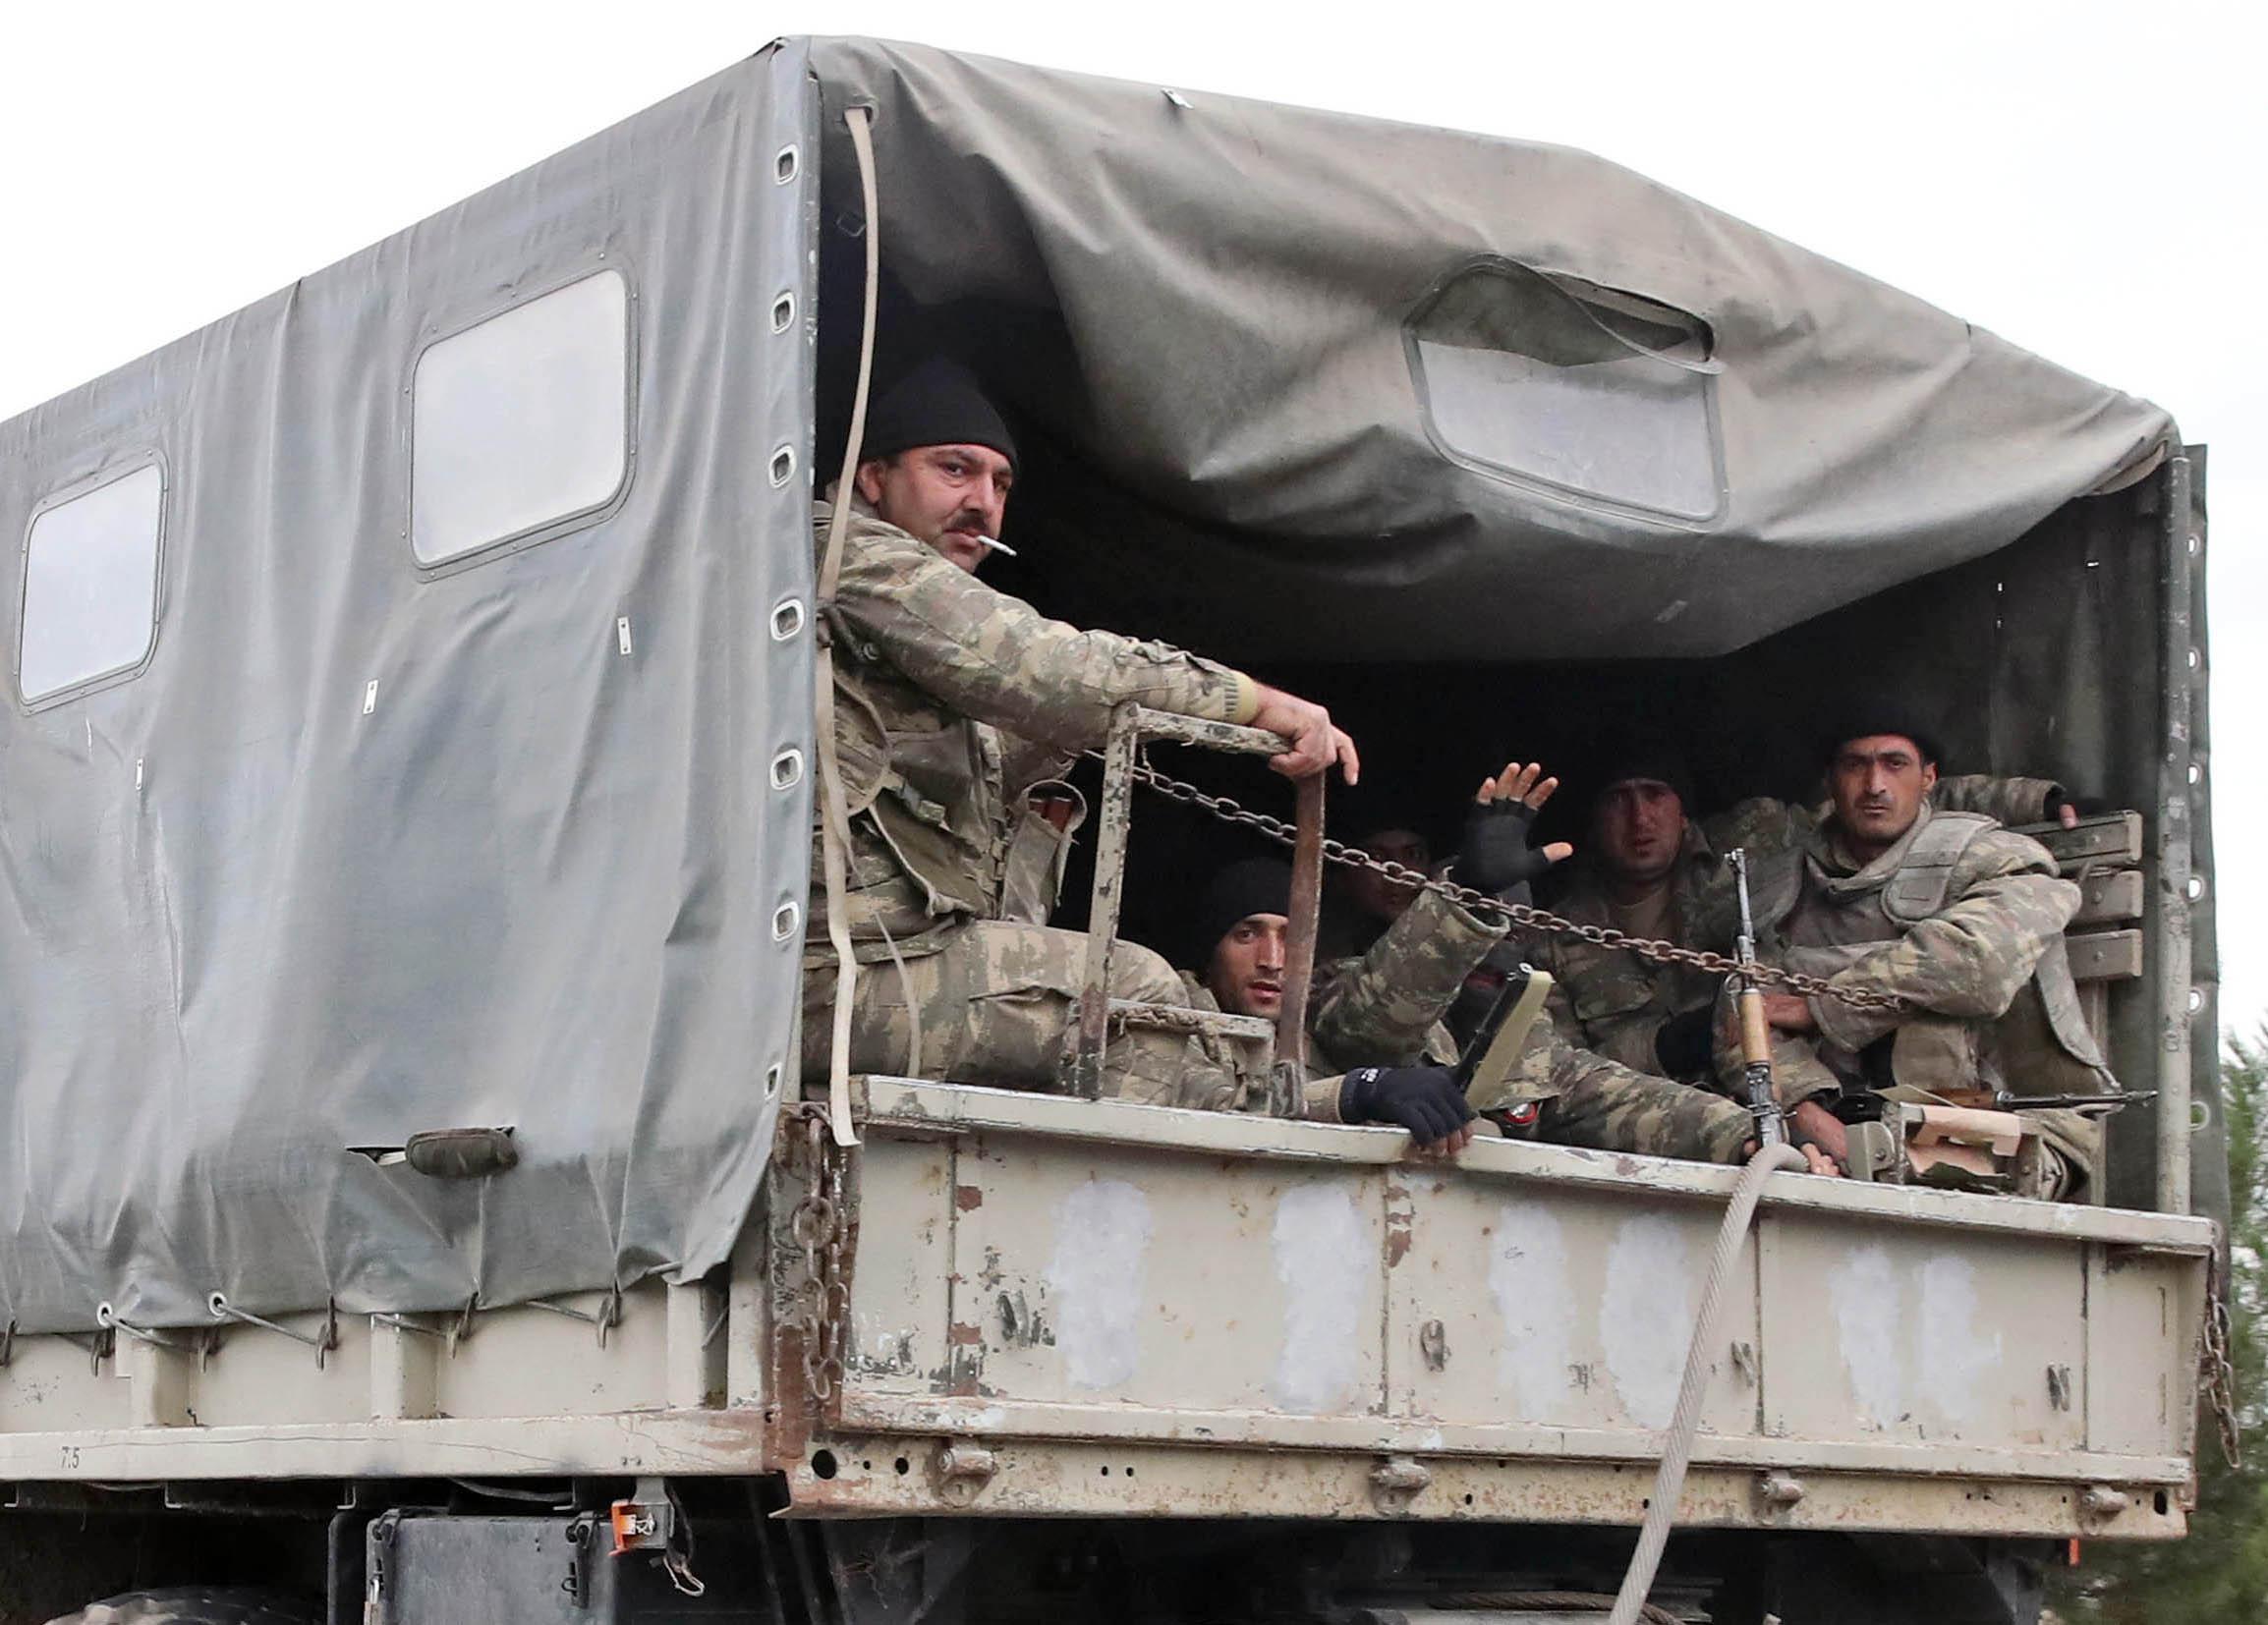 BARDA, AZERBAIJAN - OCTOBER 5, 2020: Azerbaijani servicemen are pictured in a personnel carrier.